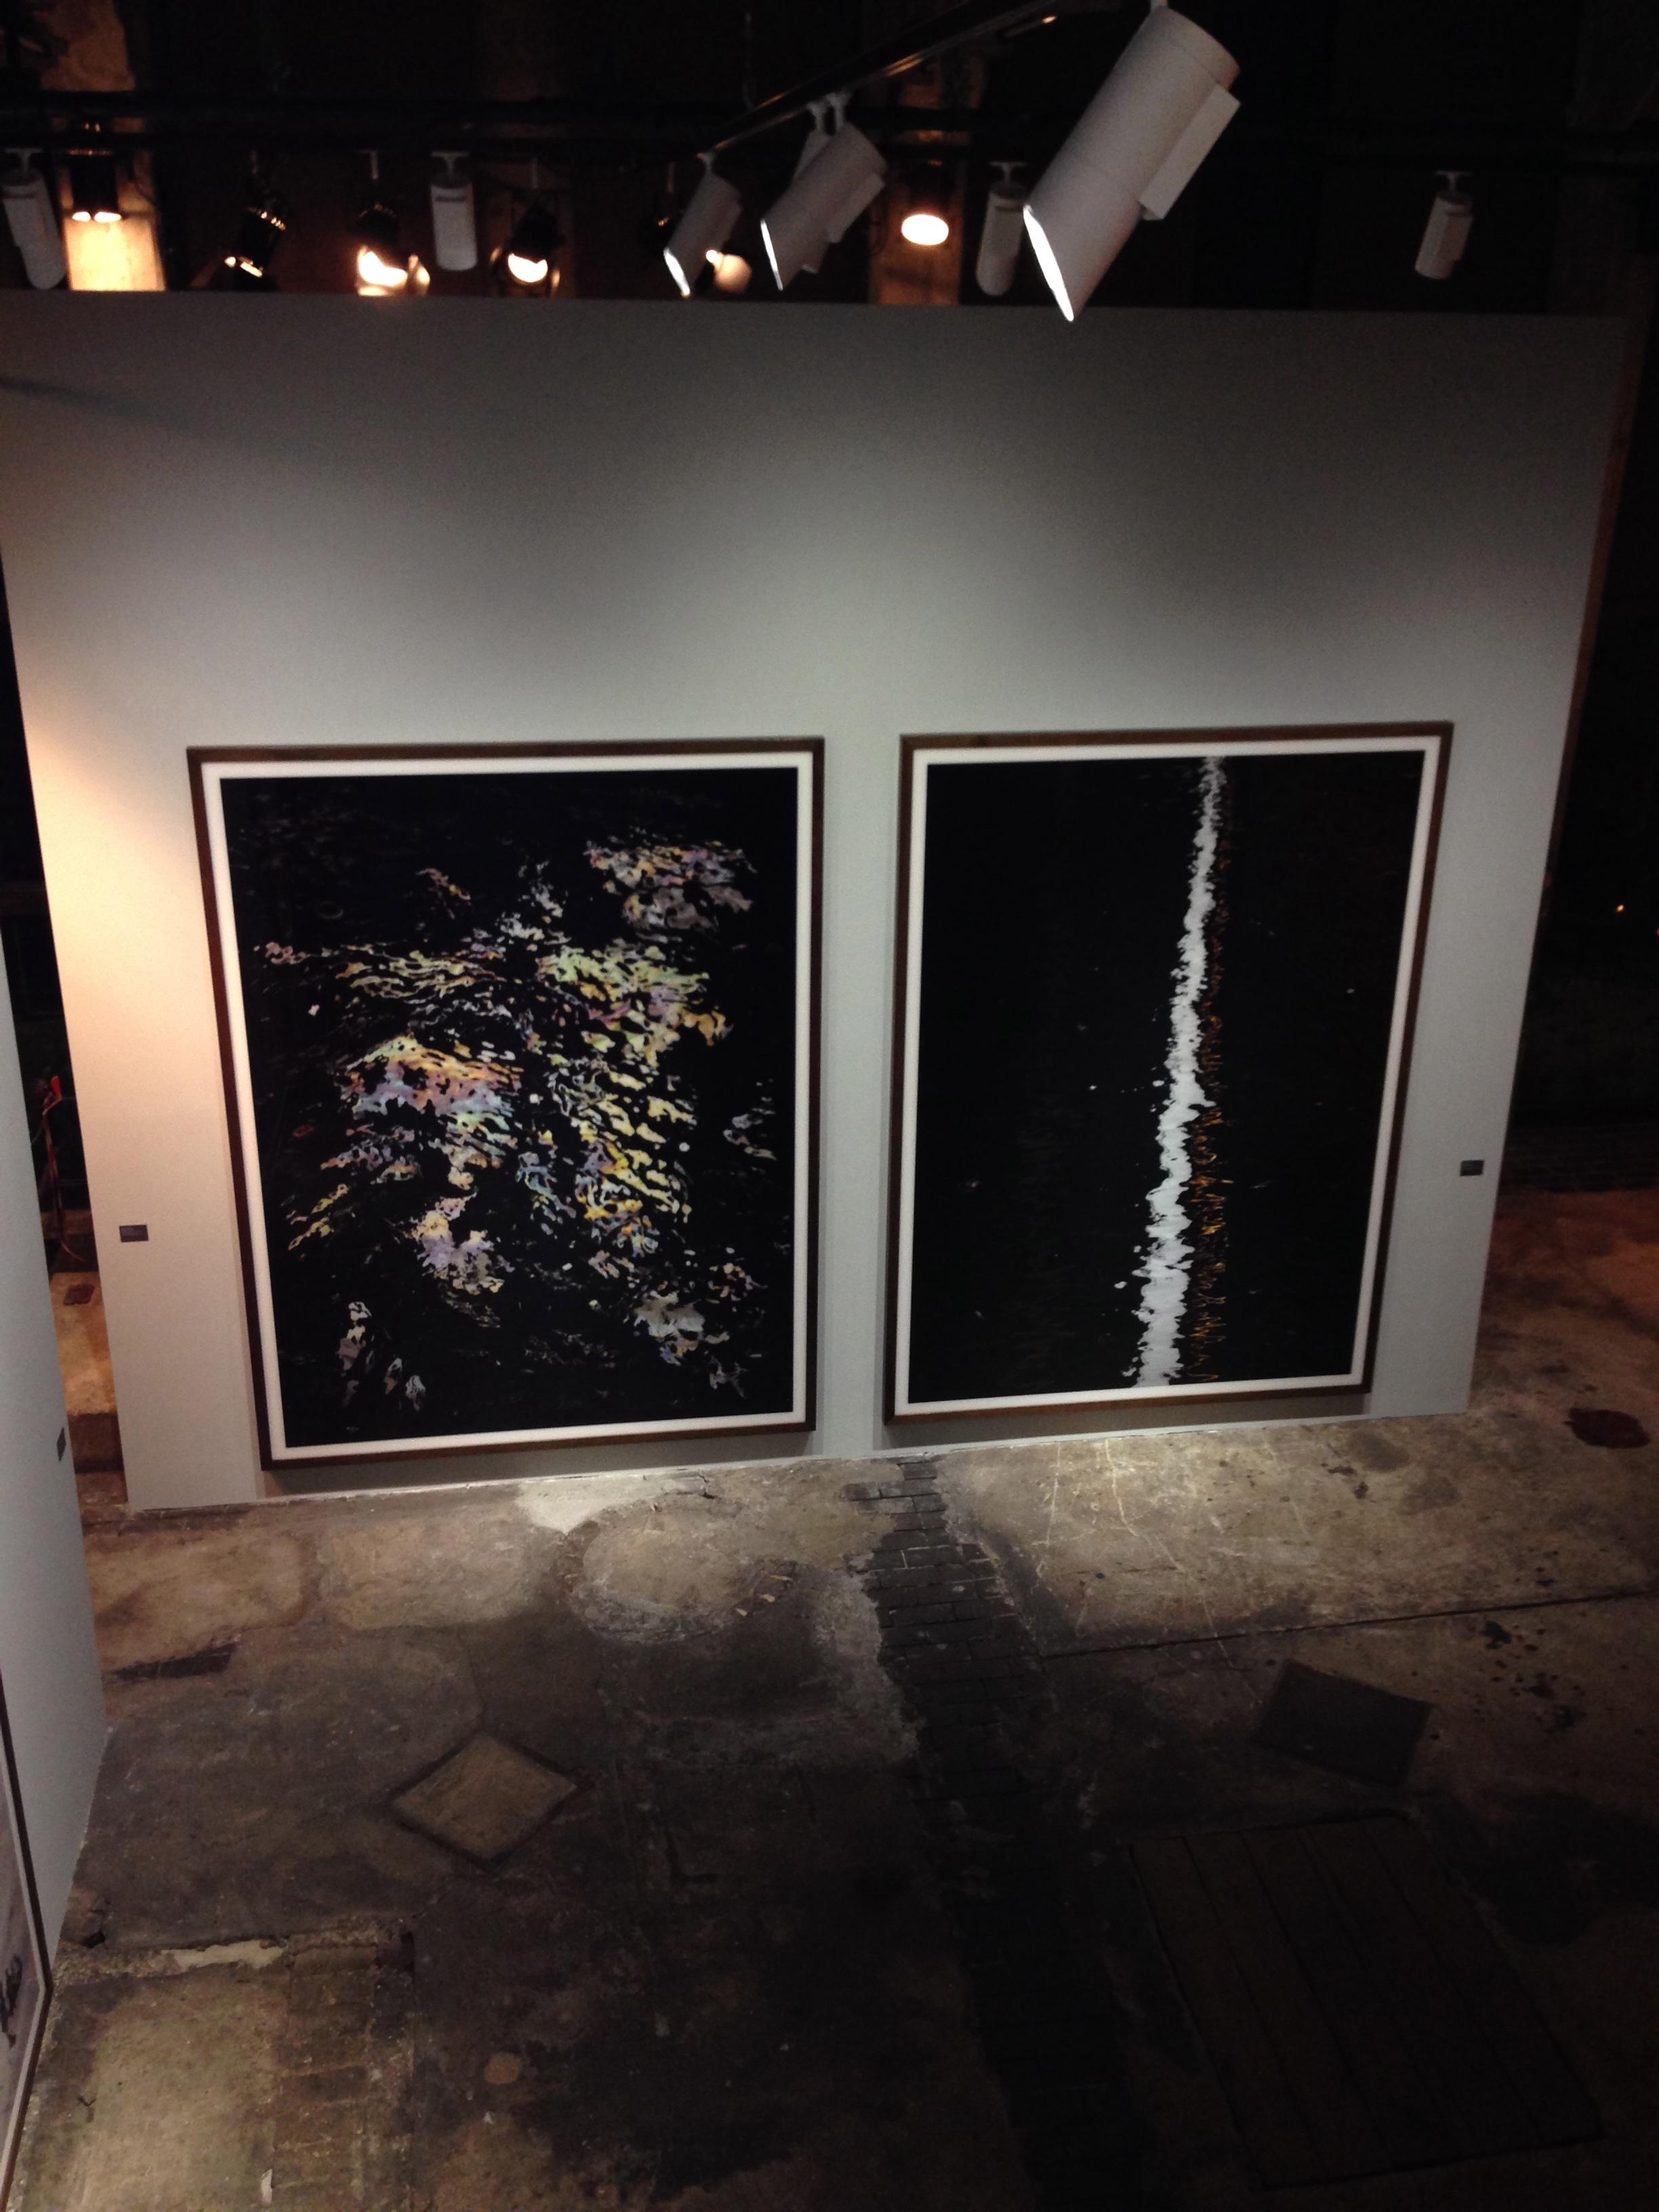 Tische mit Aussicht: Vom Teller schweift der Blick über die Kunst